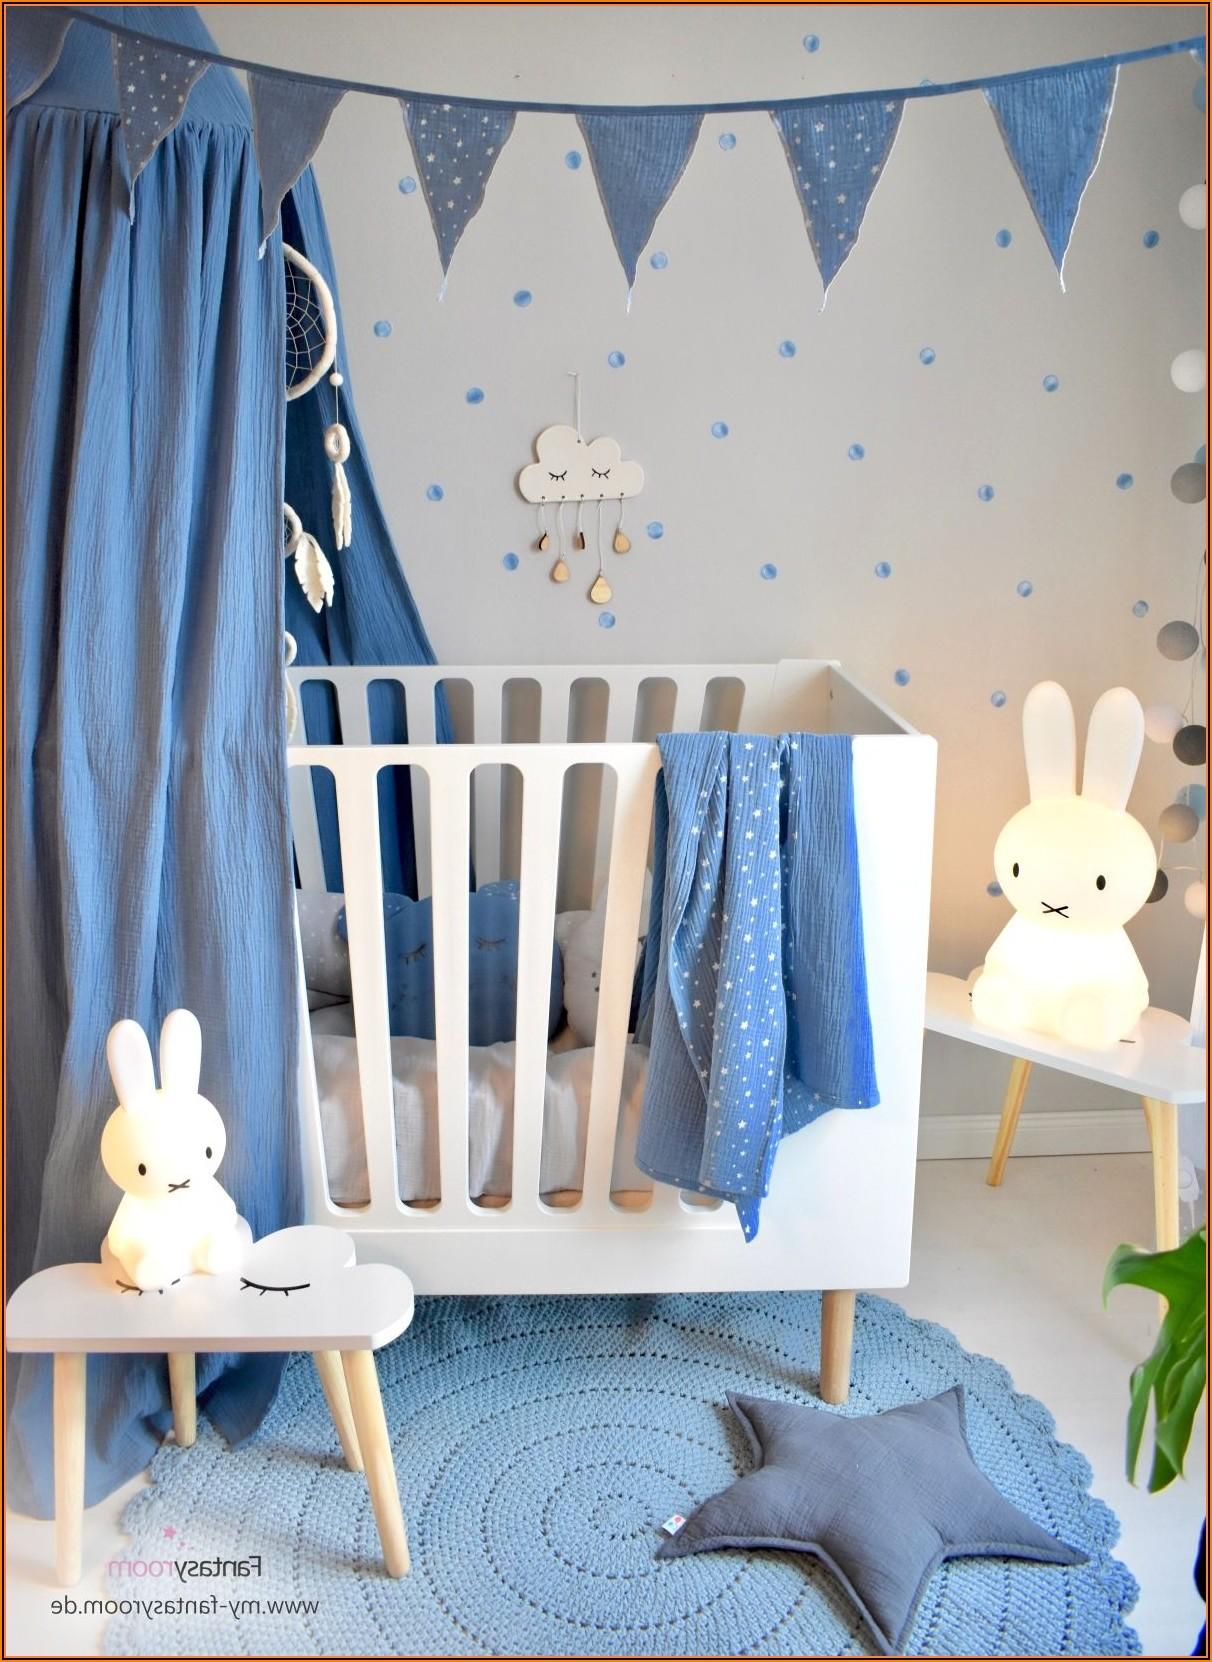 Kinderzimmer Mit Wenig Geld Gestalten